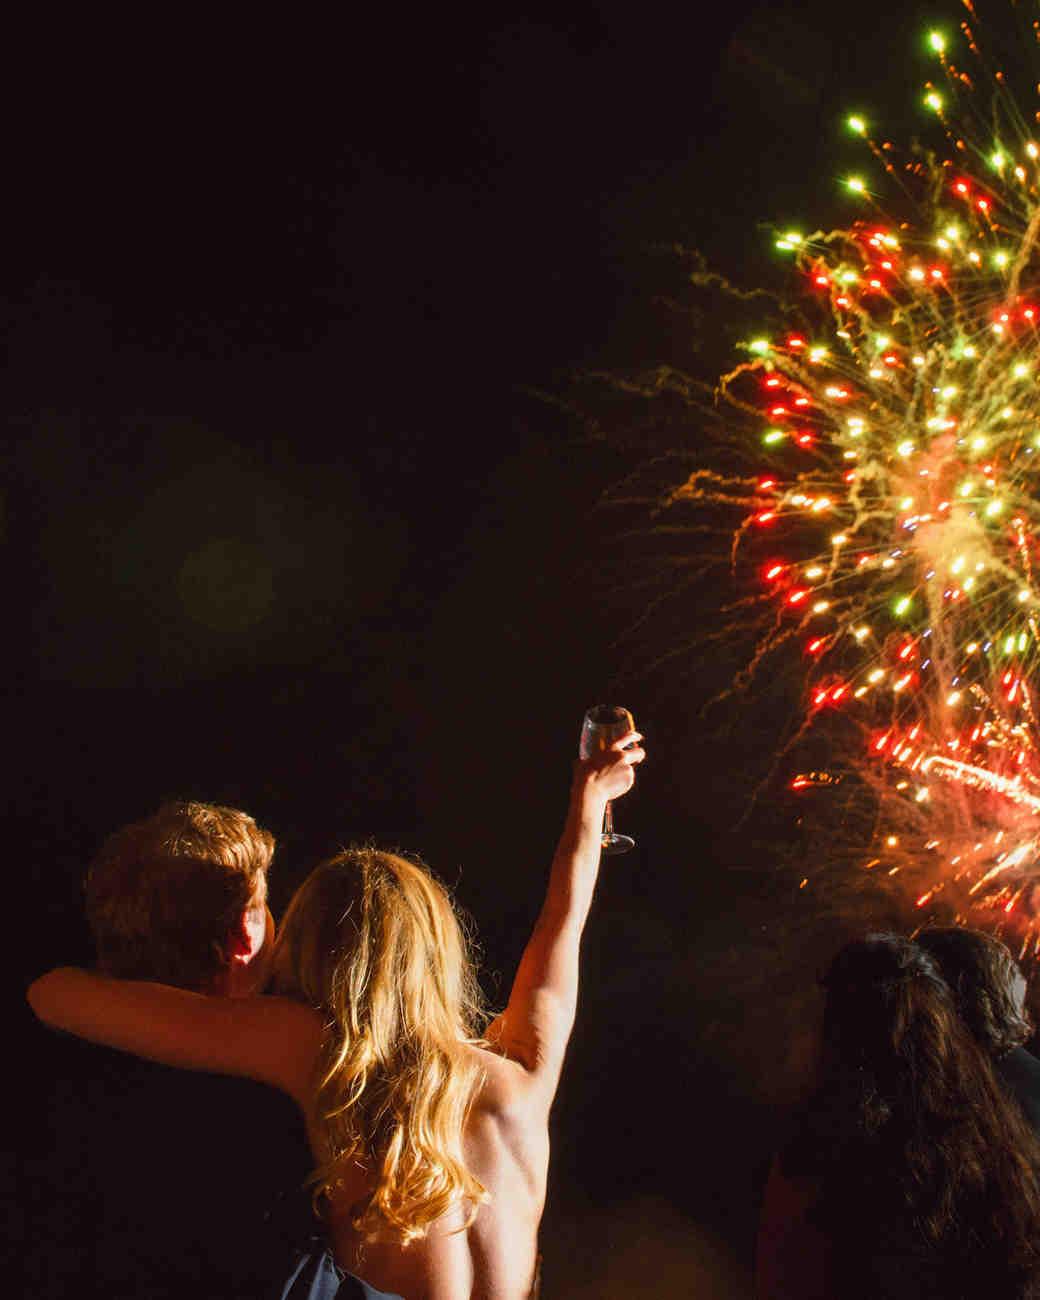 katy andrew wedding fireworks